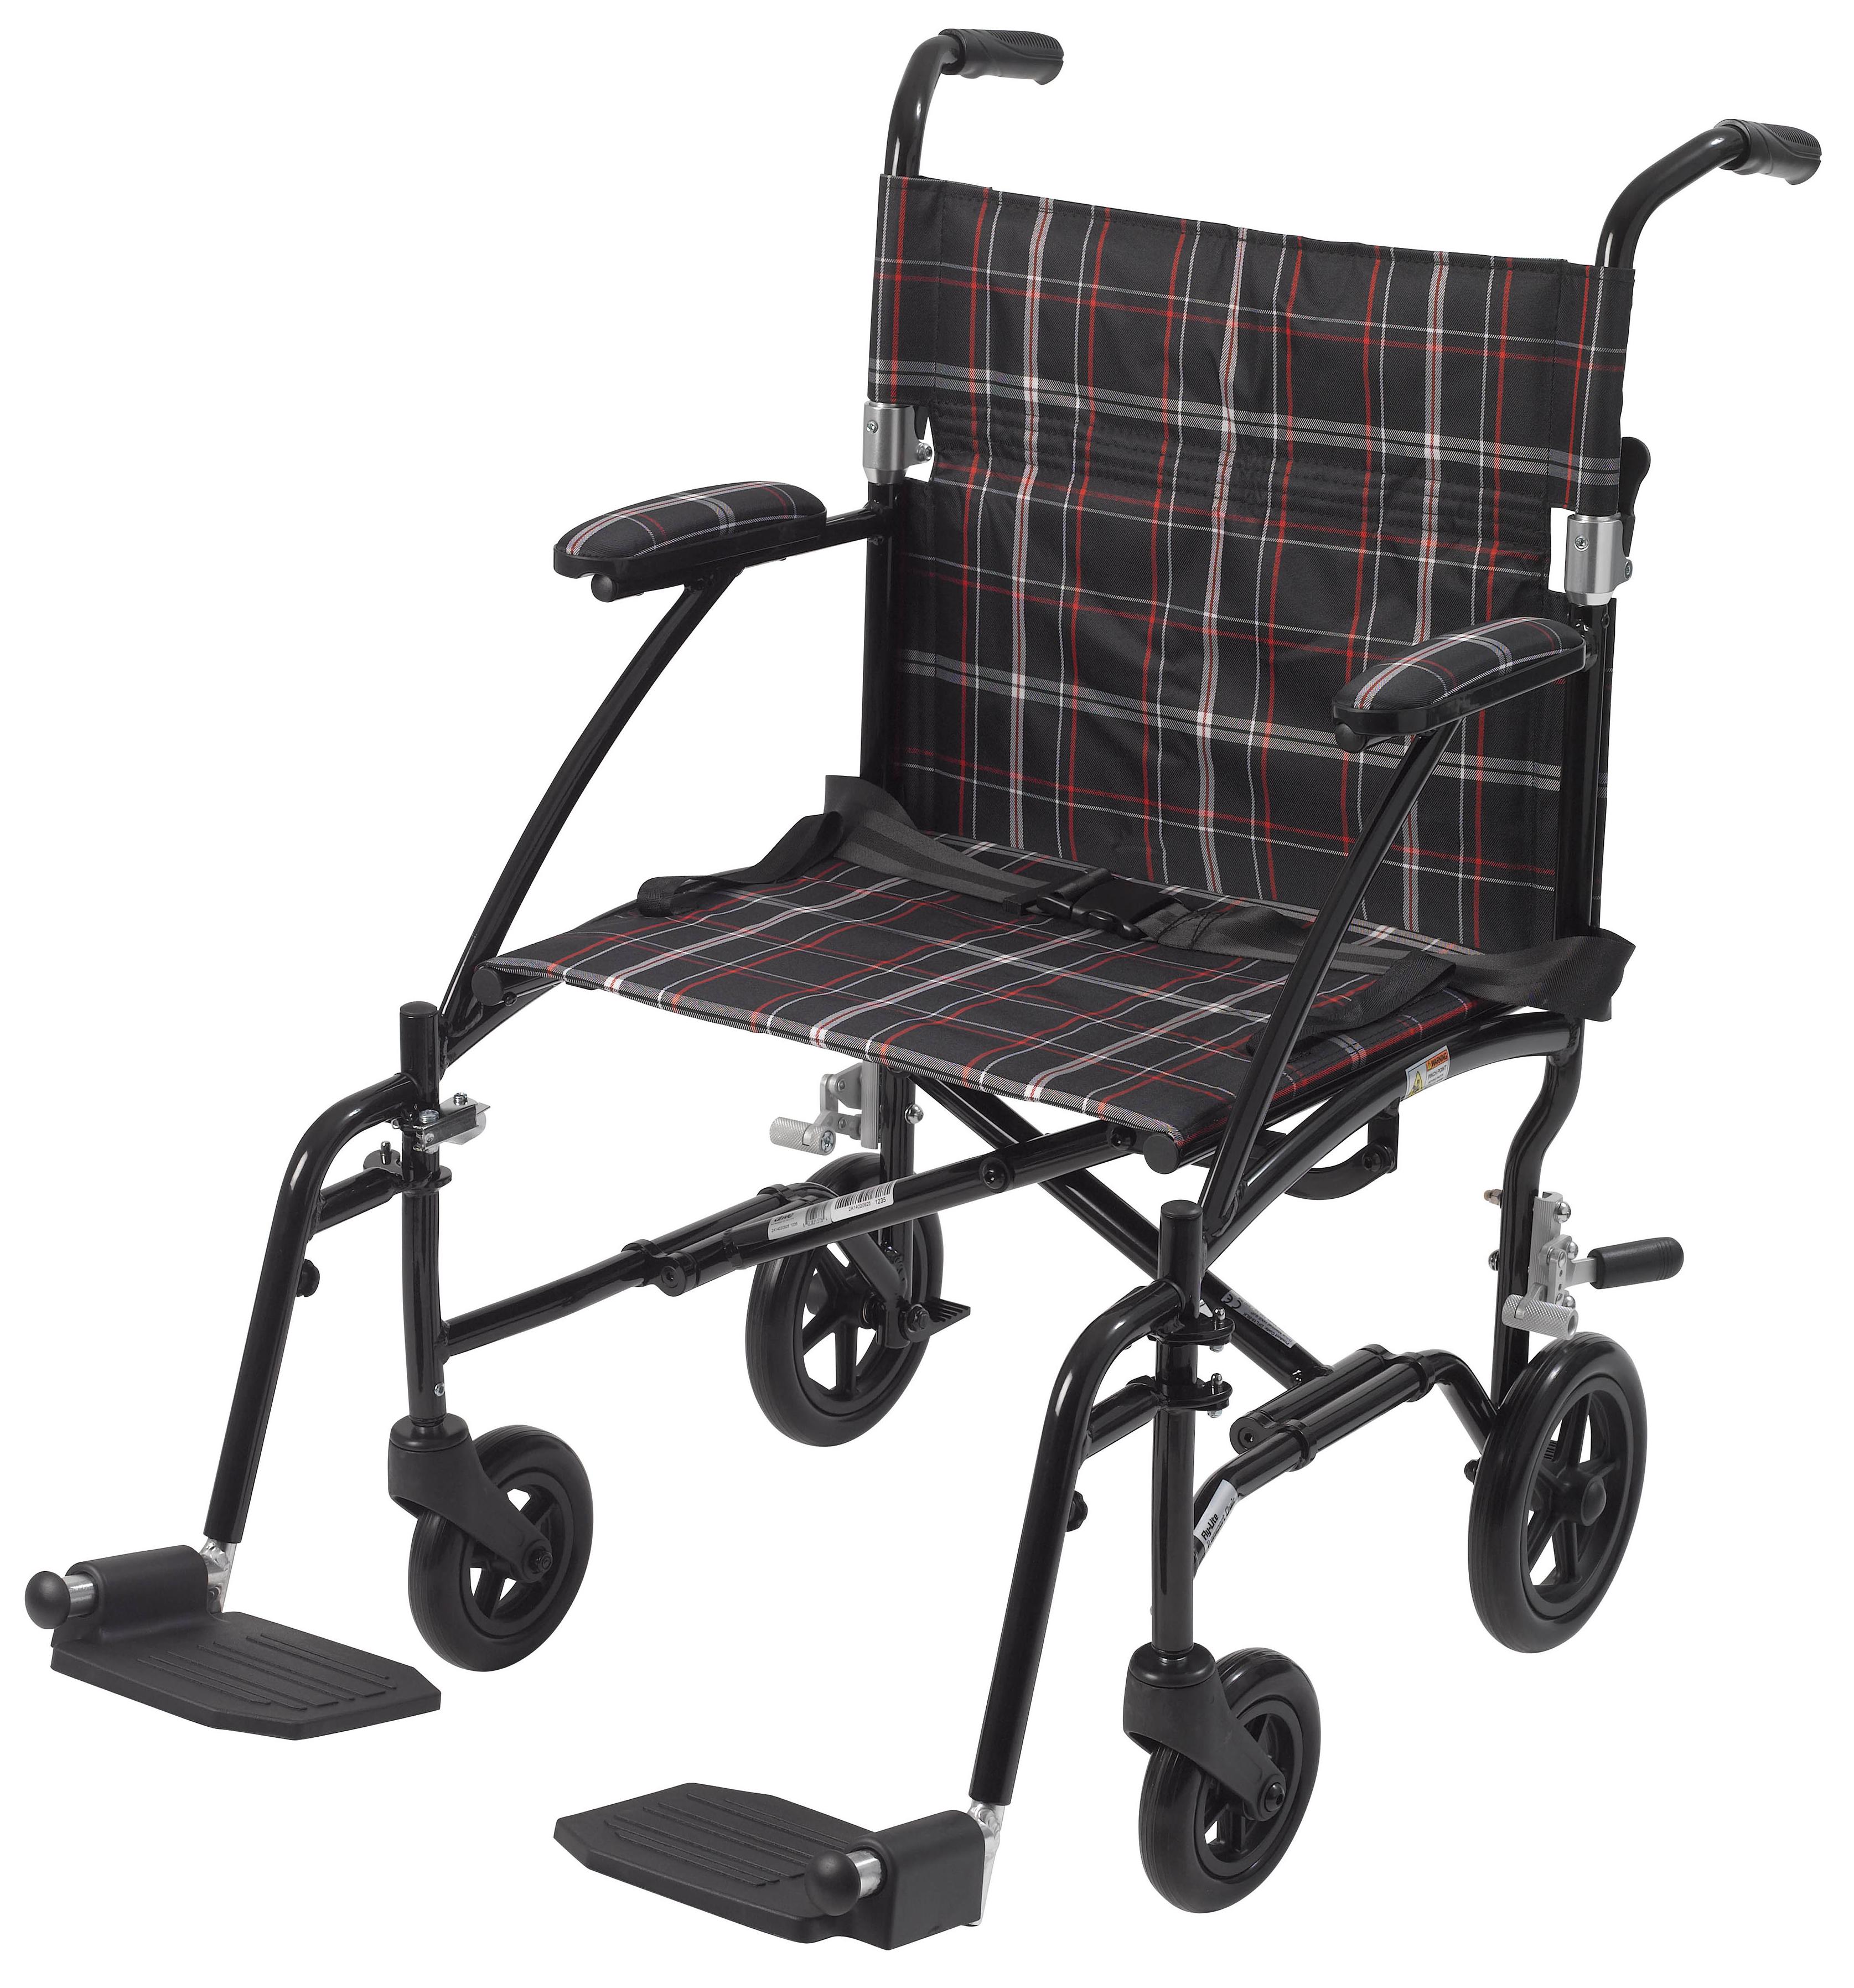 01 - Black Footrest Assembly for DFL19 Transport Chair DFLSFBK-transportchairdfl19-blknew.png